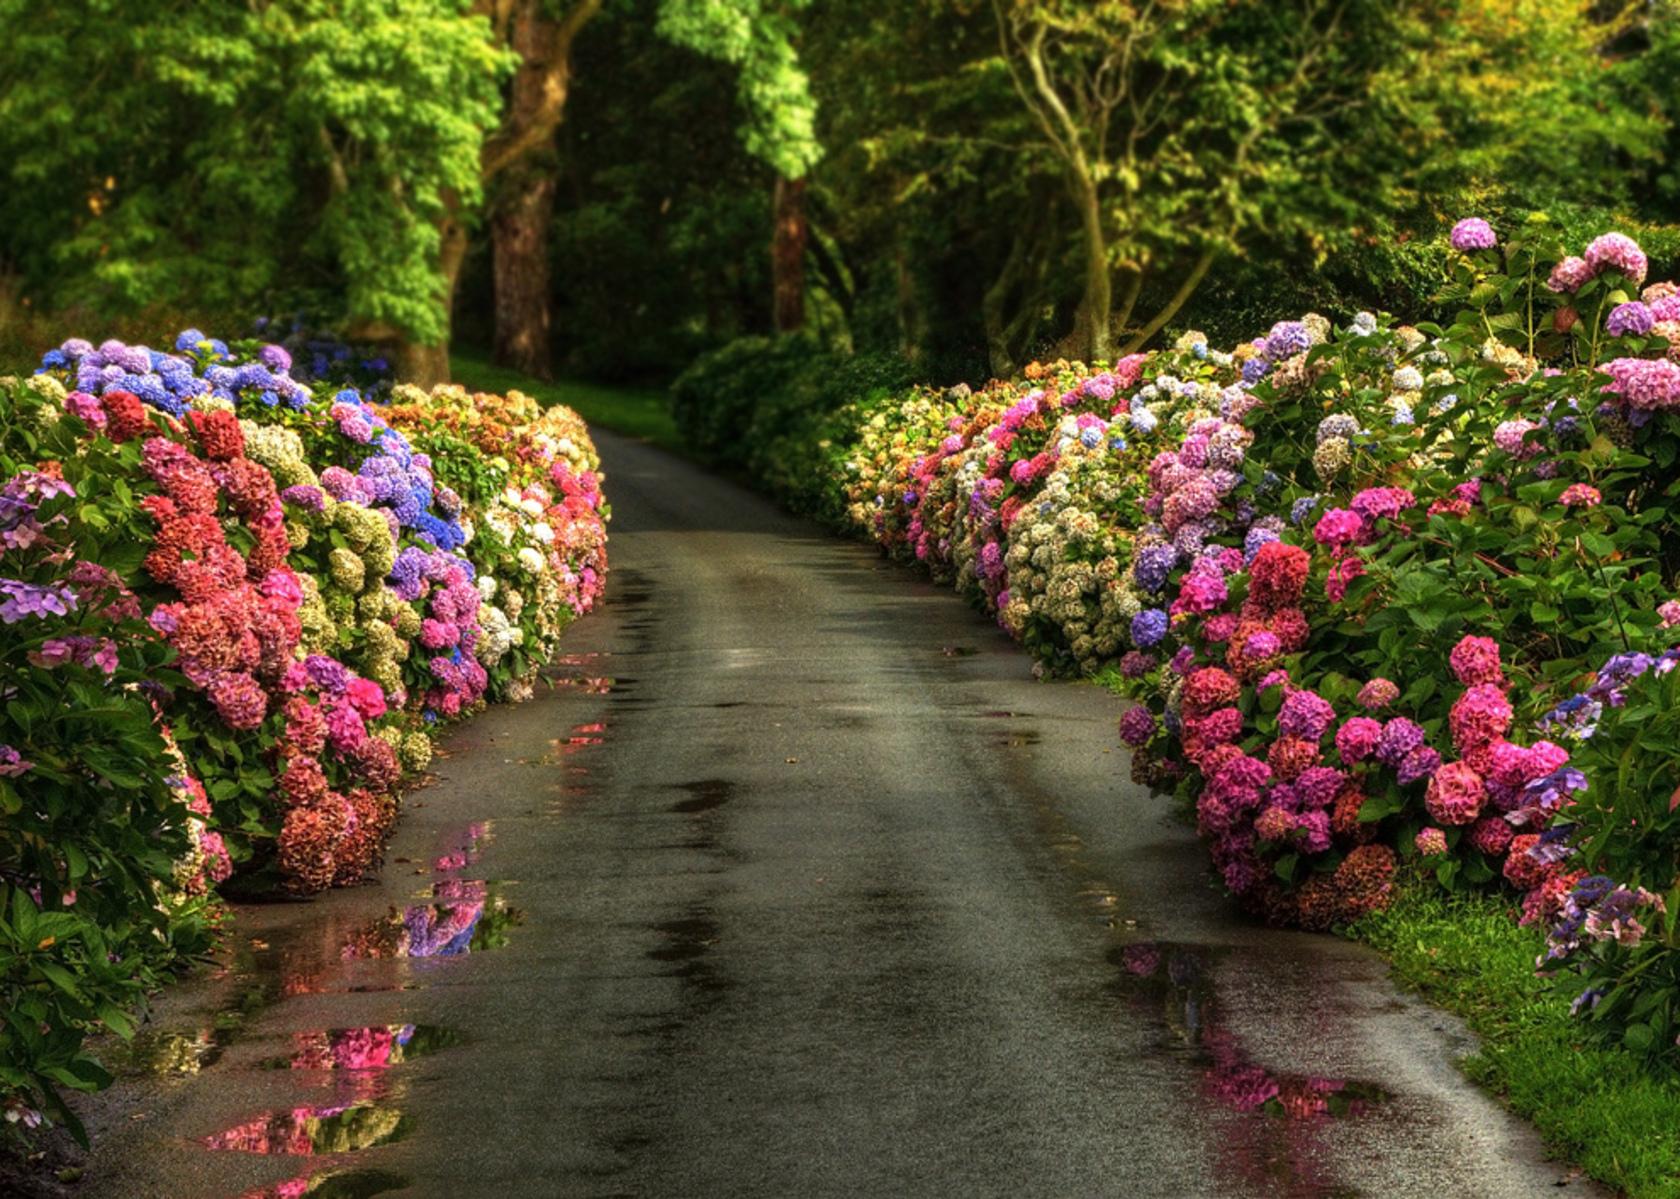 Fondos de pantalla de primavera wallpapers hd for Jardines en primavera fotos